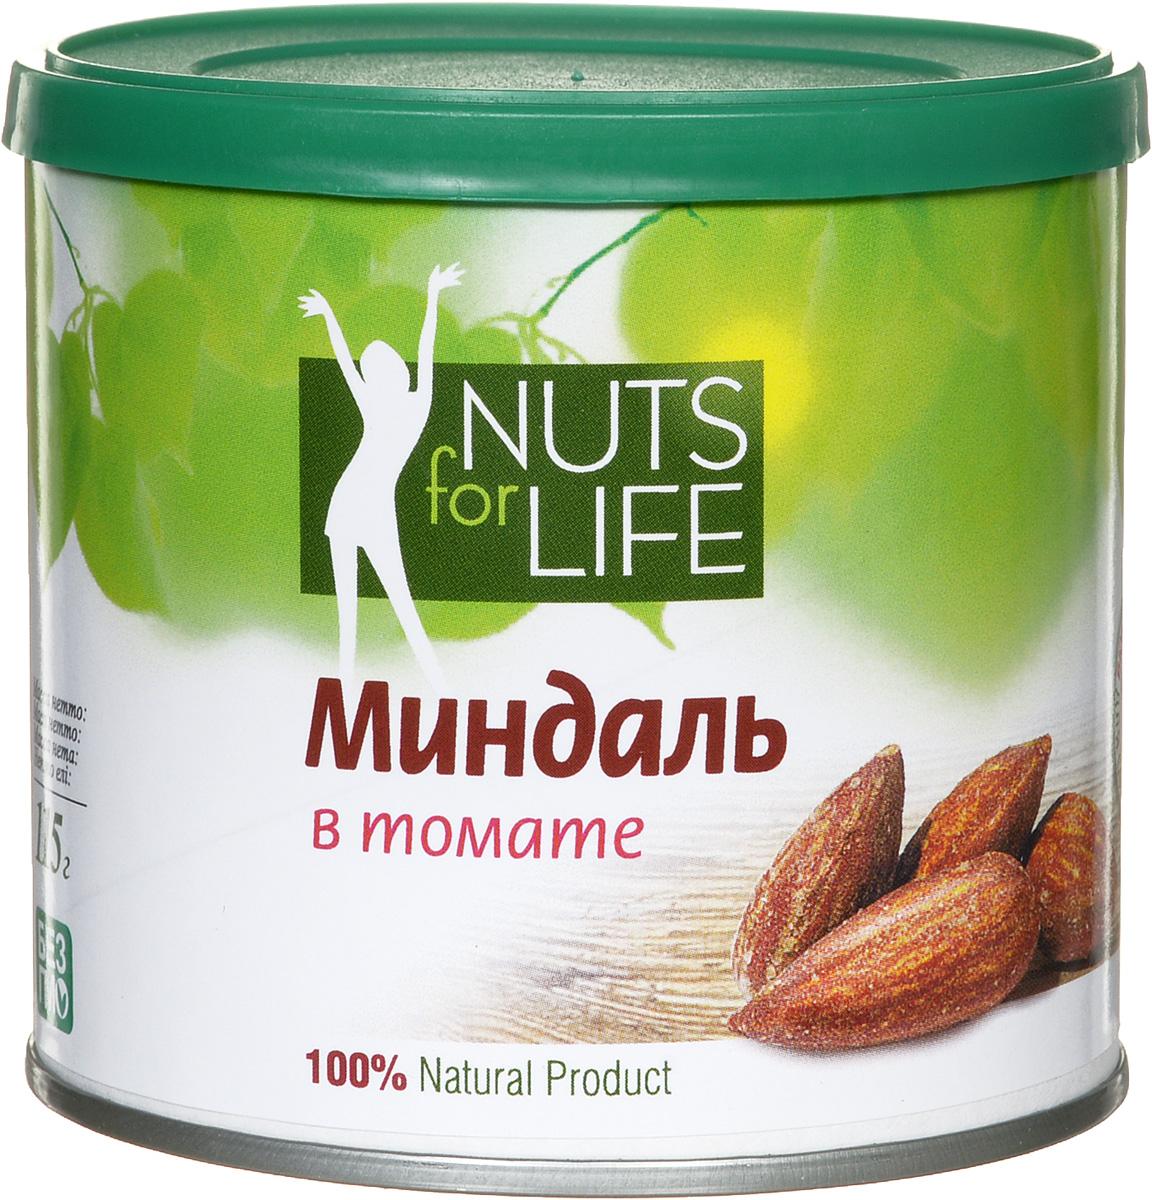 Nuts for Life Миндаль обжаренный соленый в томате, 115 г U920920